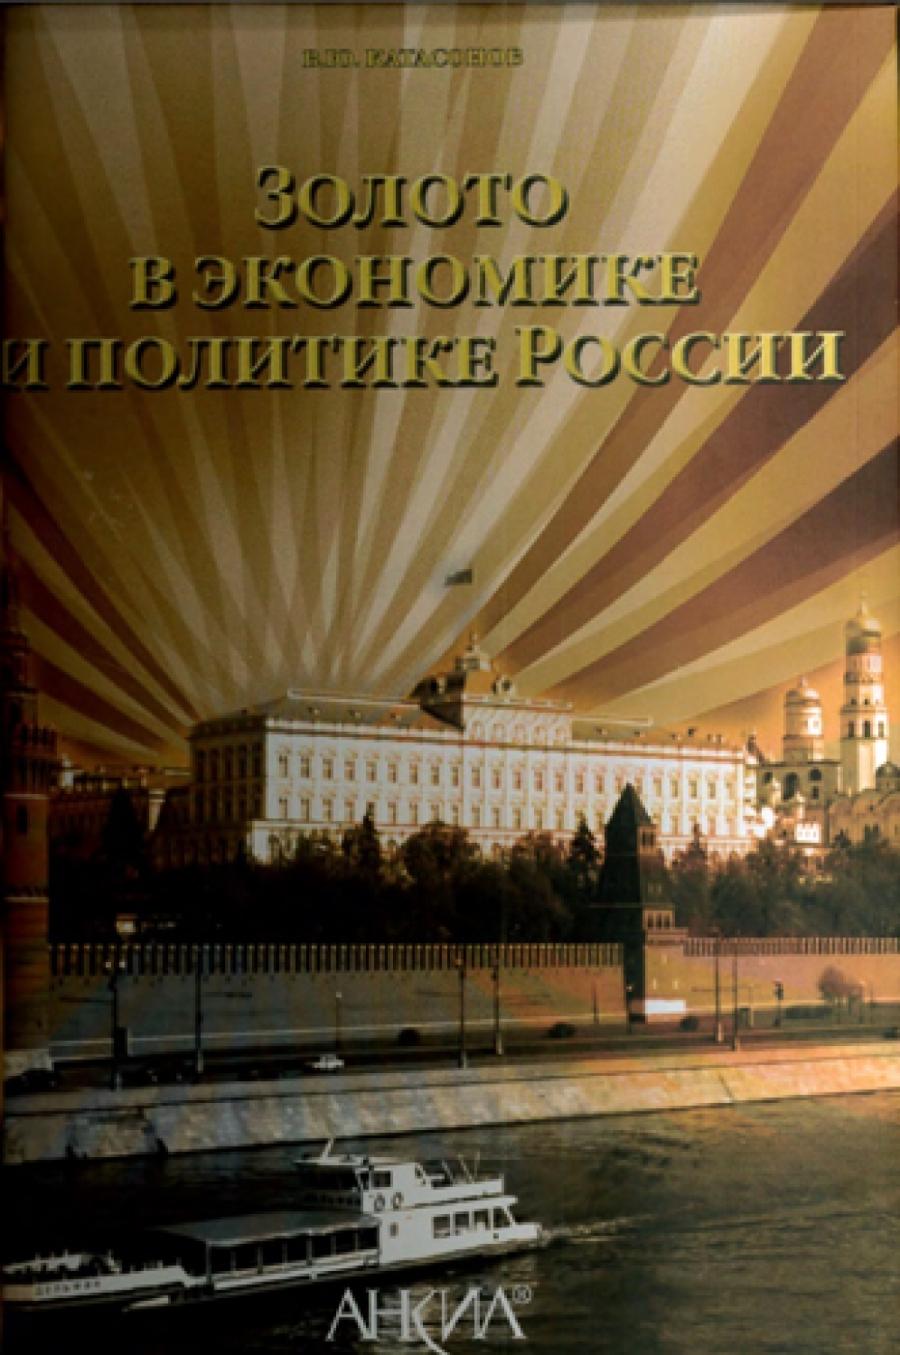 Обложка книги:  катасонов в. ю. - золото в экономике и политике россии